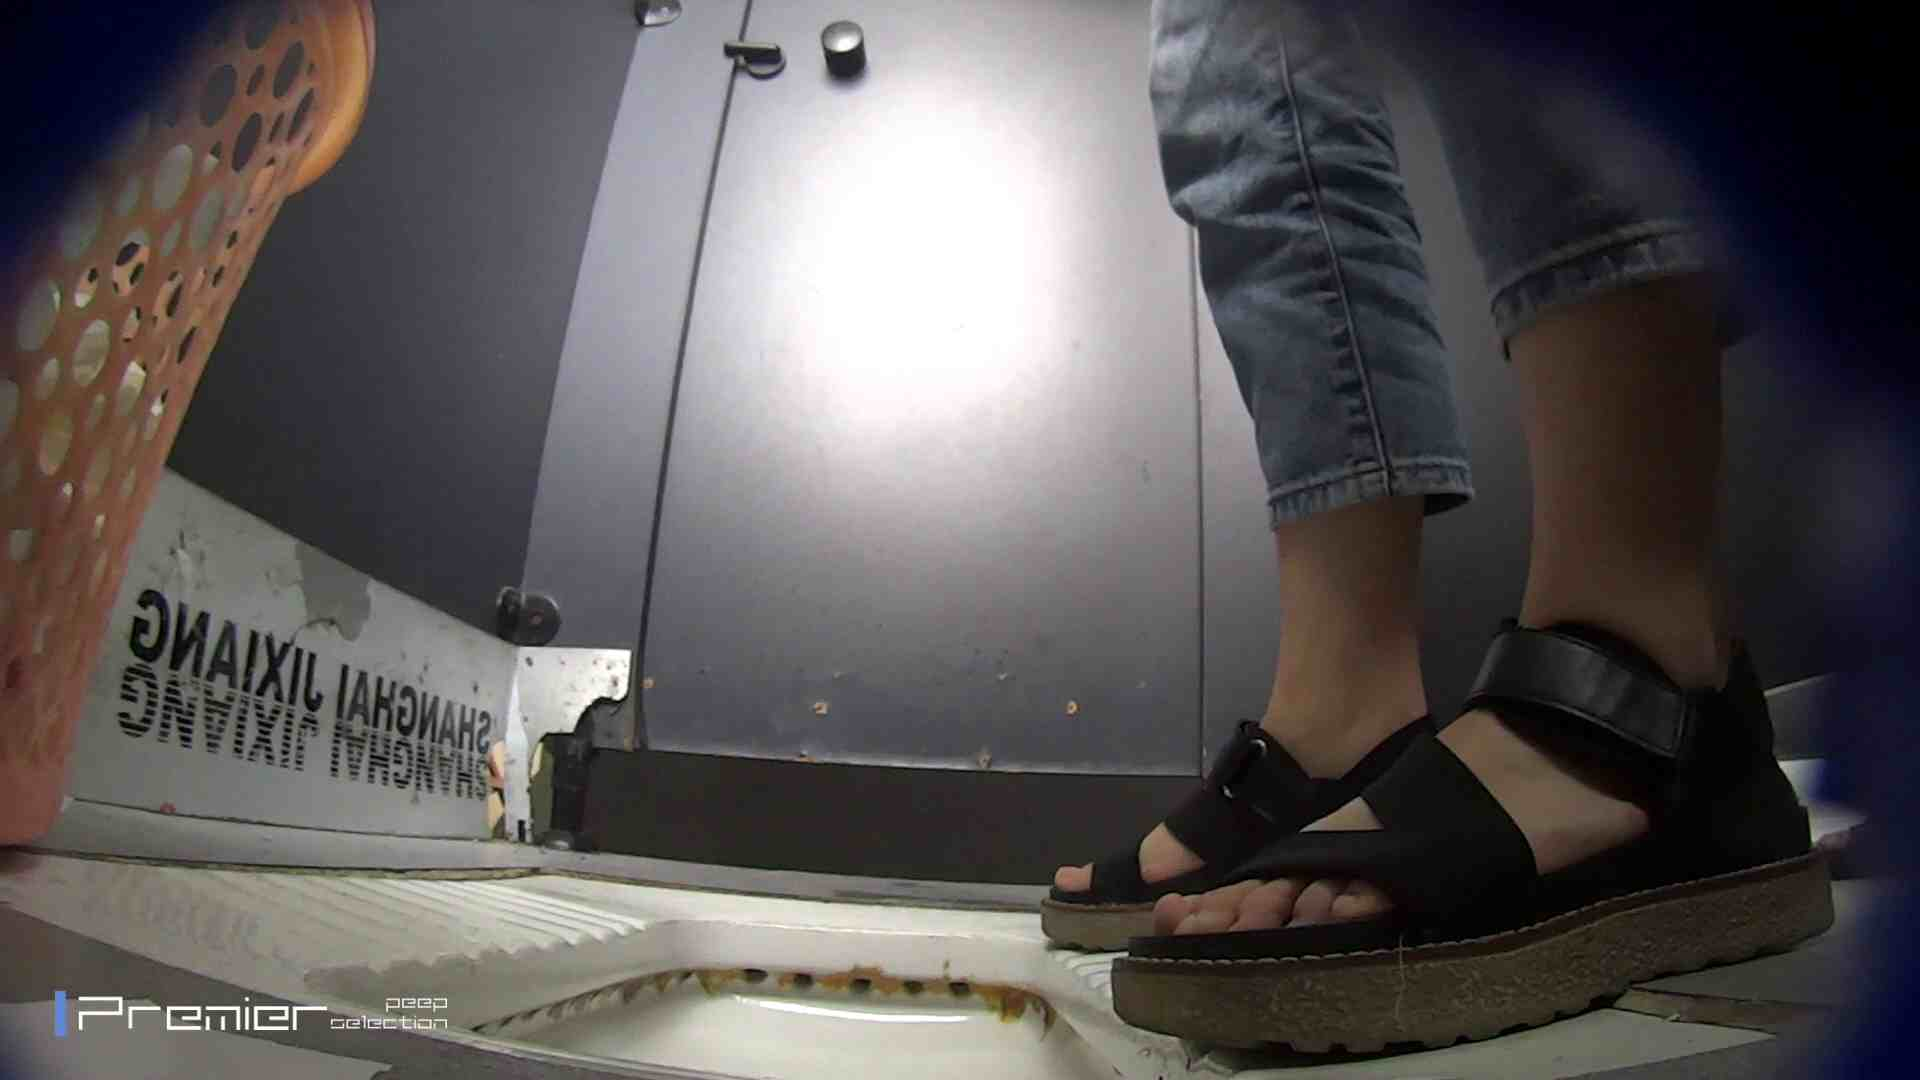 若さ溢れるギャル達のnyo  大学休憩時間の洗面所事情46 細身女性   洗面所  83画像 78